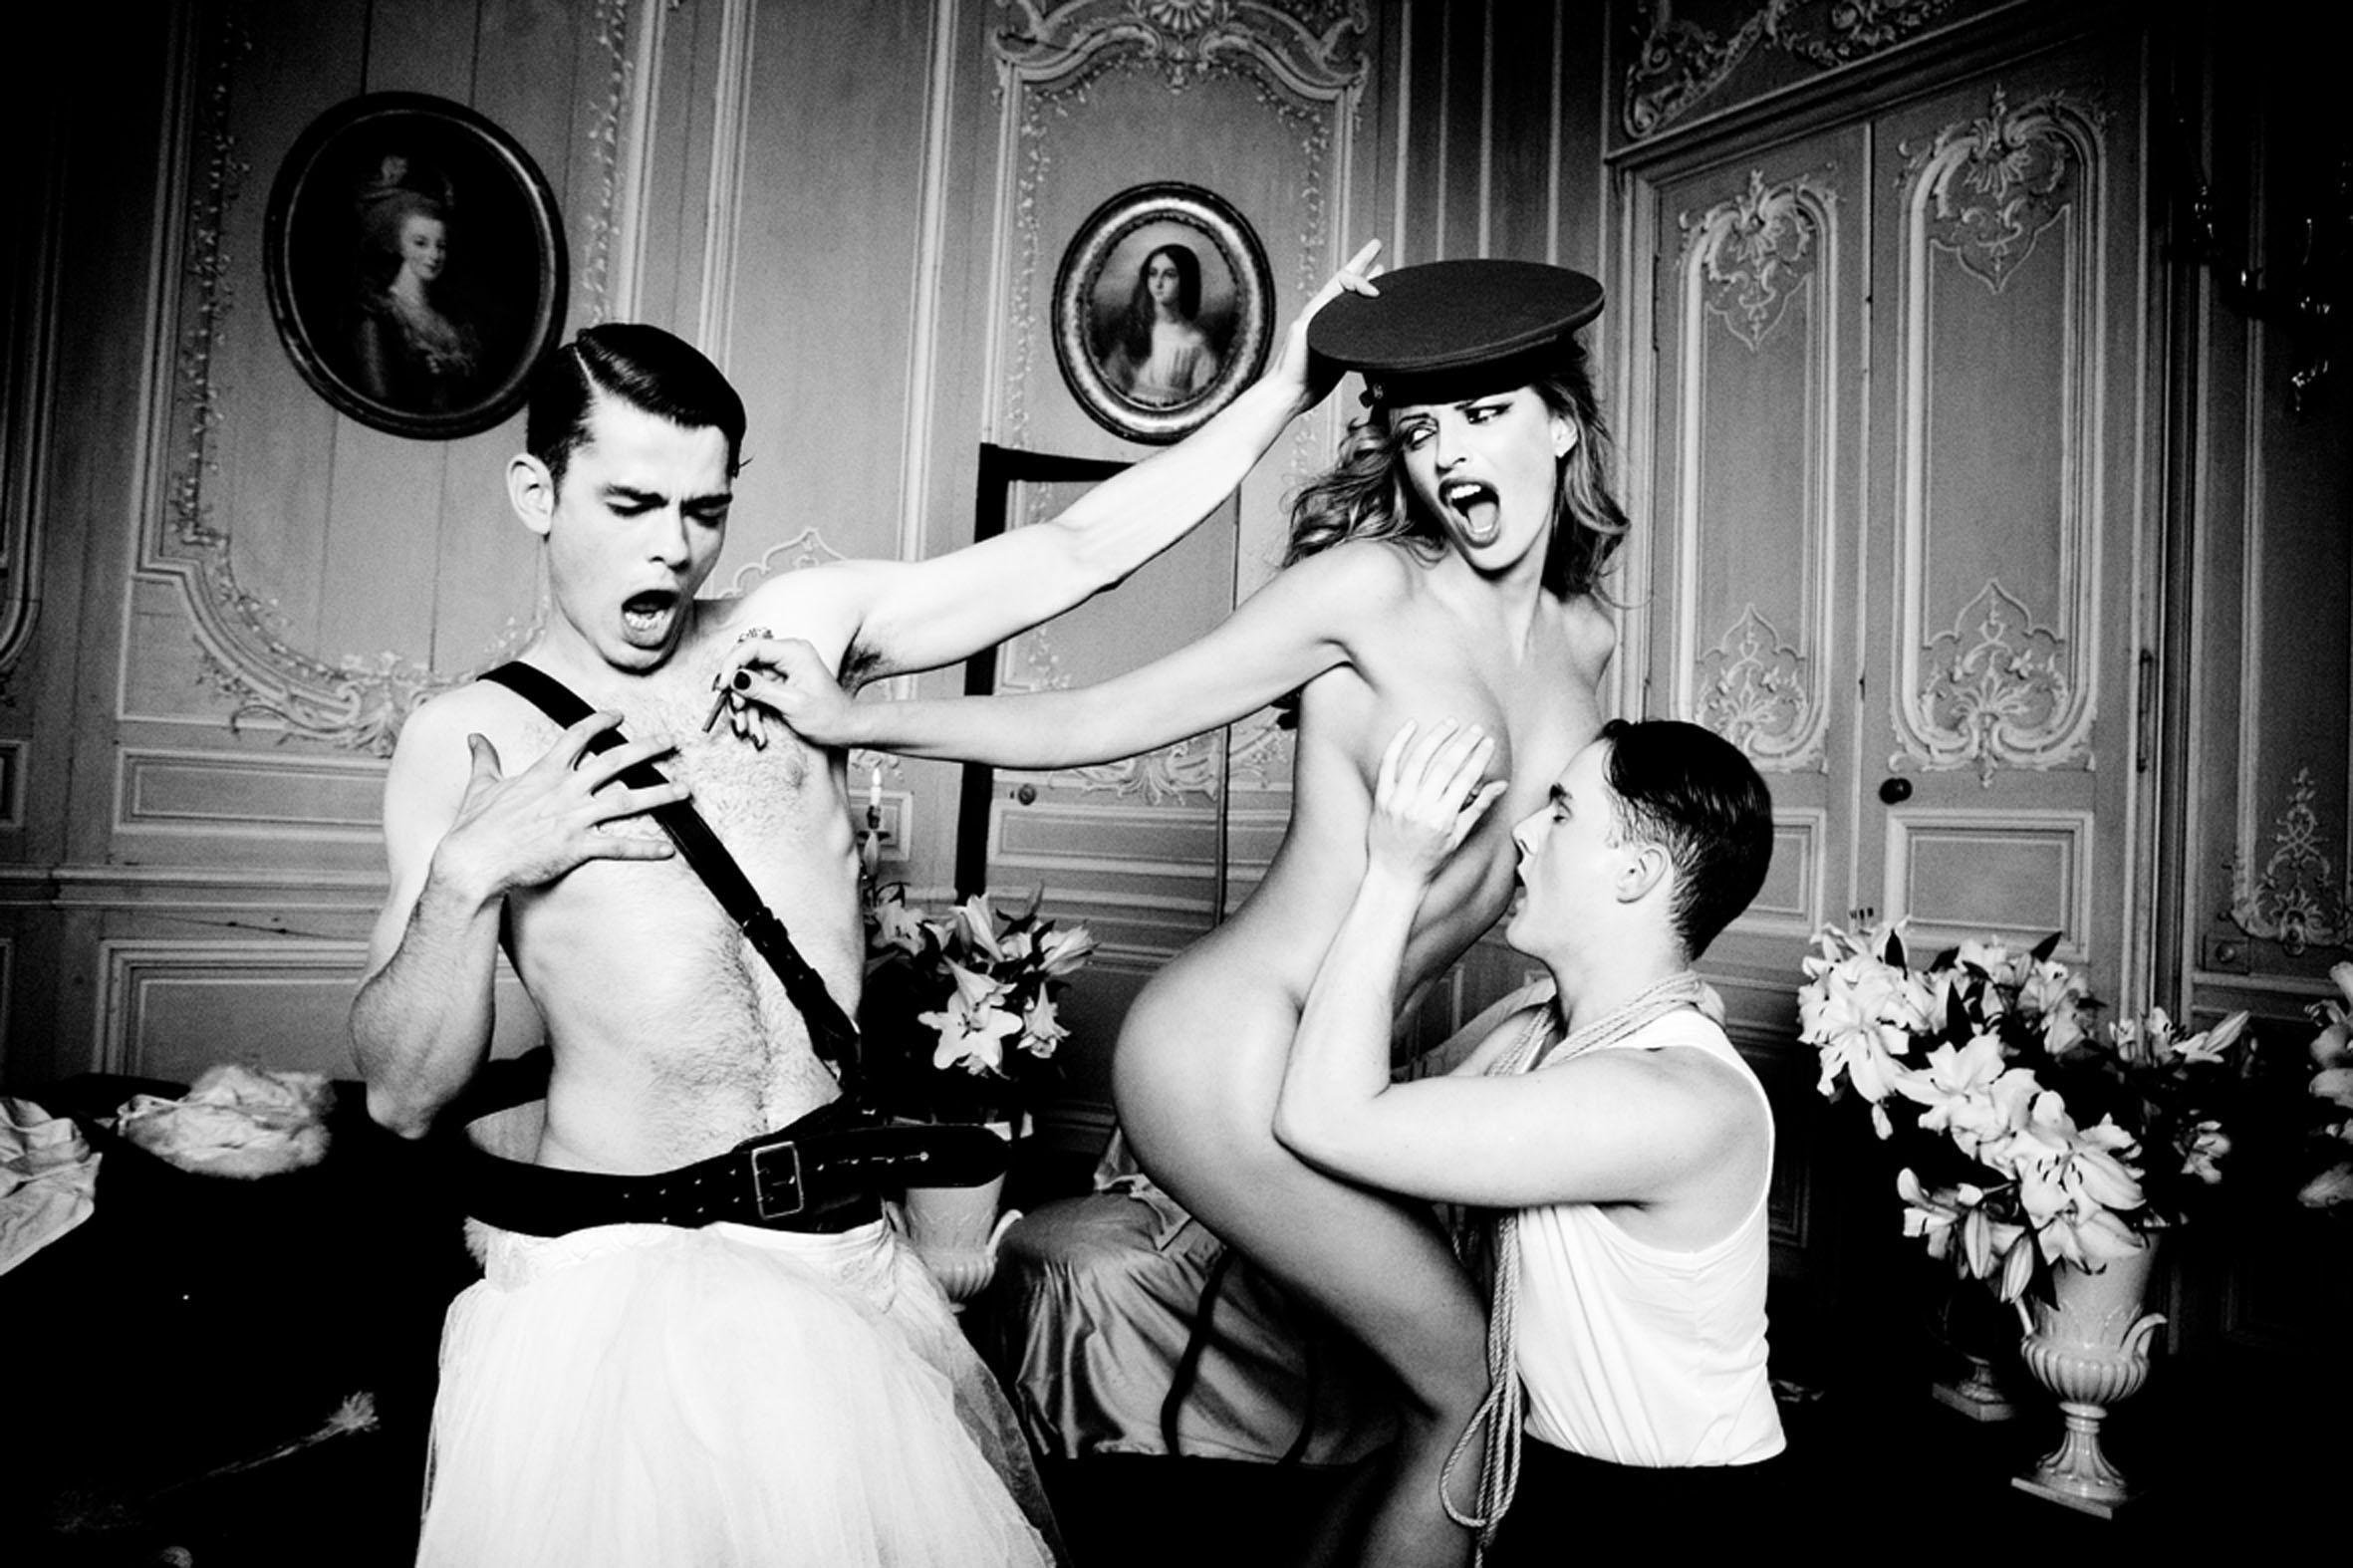 ©2012 Ellen von Unwerth, Paris/The story of Olga, Taschen